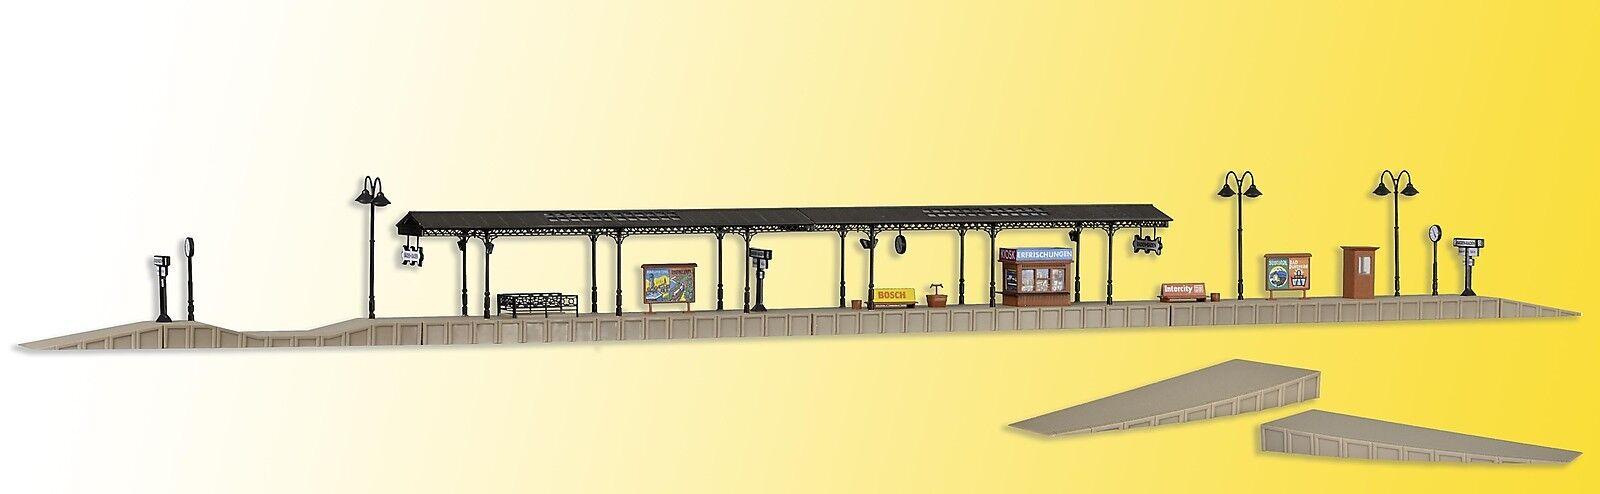 Vollmer Vollmer Vollmer H0 43559 - Bahnsteig Baden-Baden, erweiterungsfähig   Bausatz Neuware  | Die erste Reihe von umfassenden Spezifikationen für Kunden  c369cd